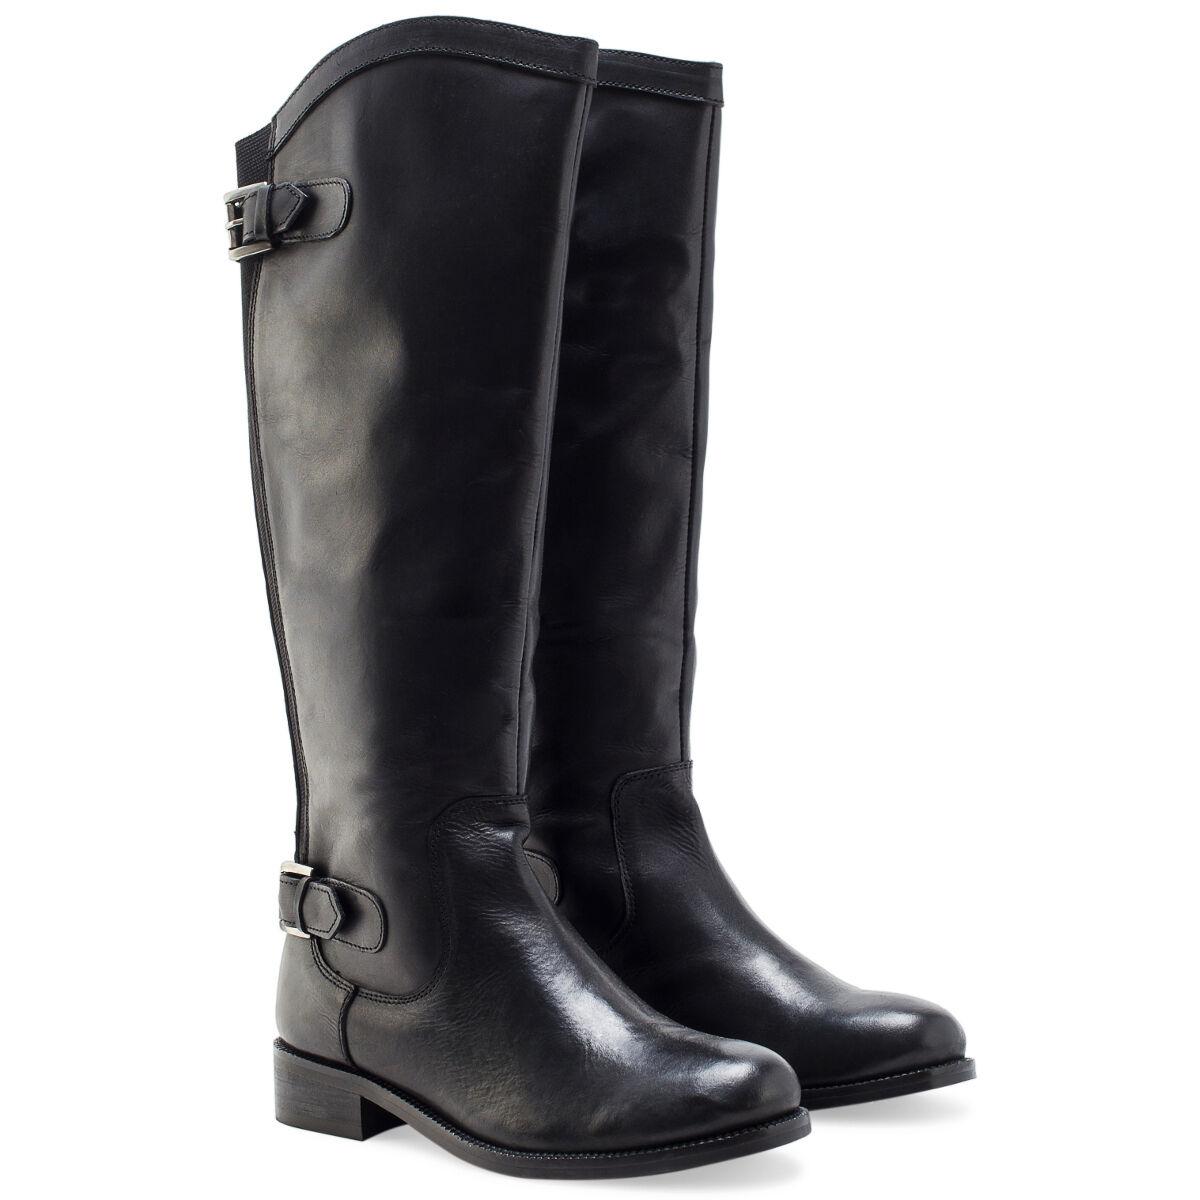 REDFOOT KENSINGTON NERO Stivali in Stivali Pelle Elasticizzati Equitazione Zip Stivali in a9f7f3